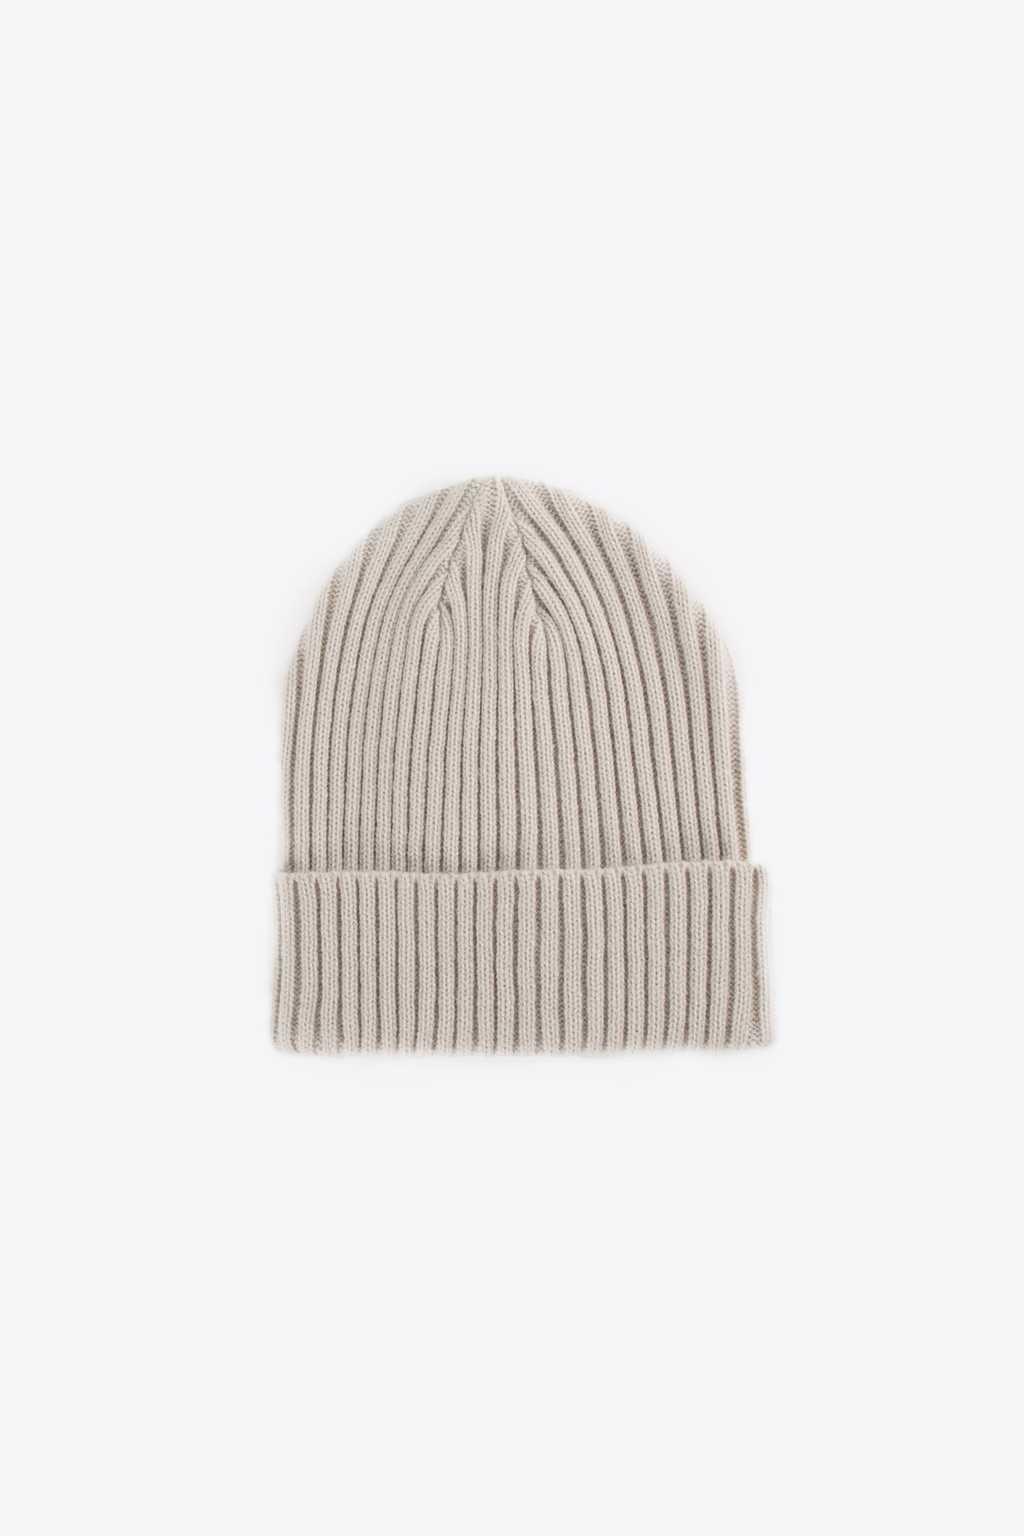 Hat 97023 Cream 3